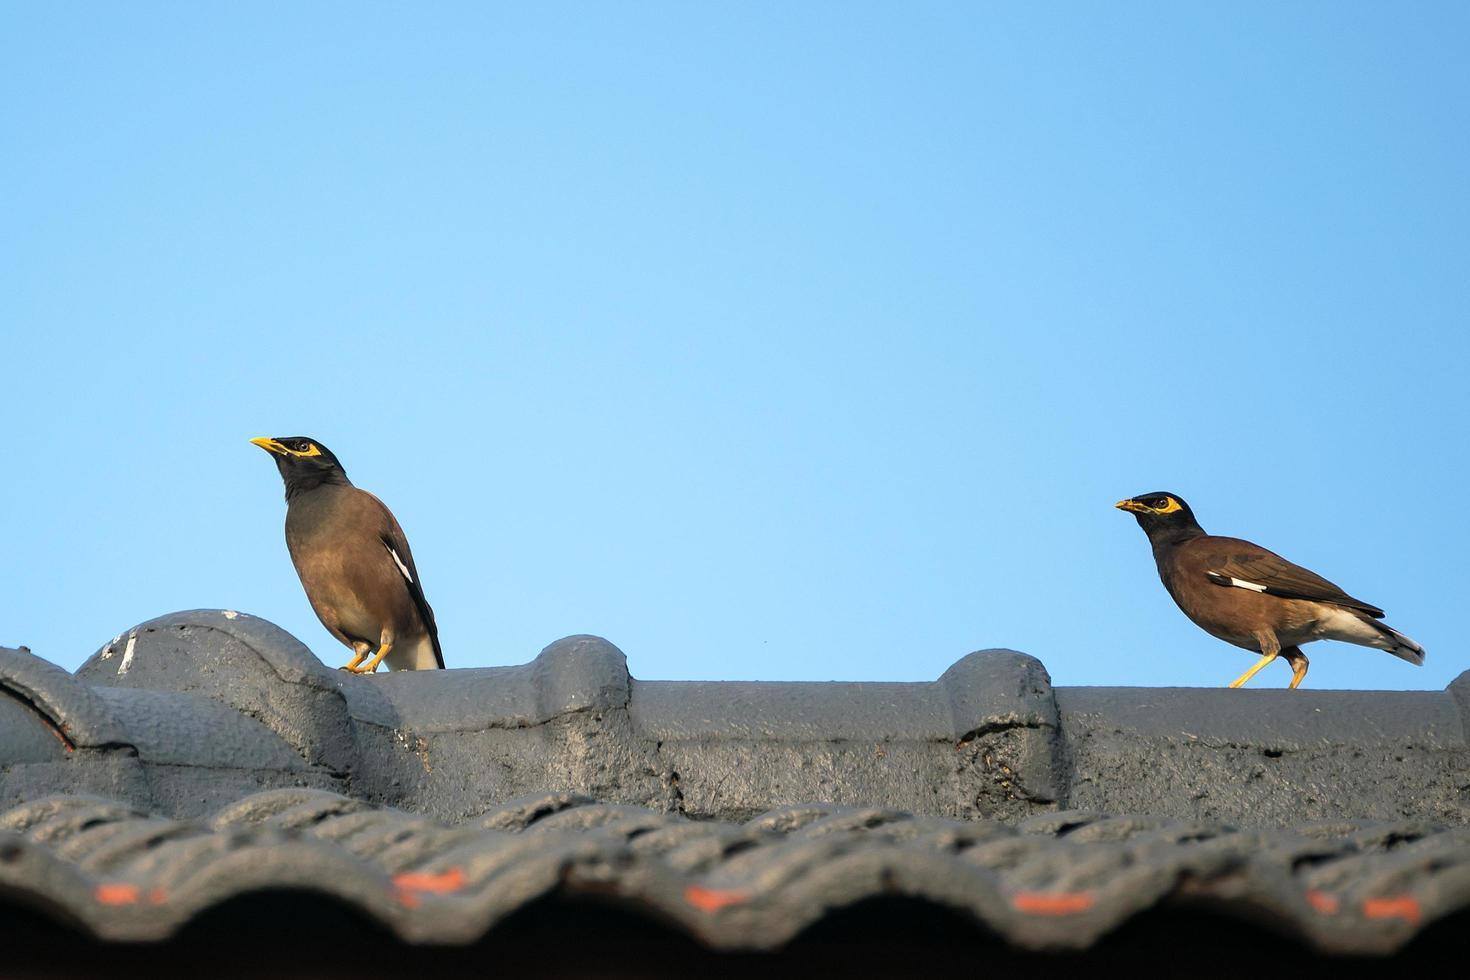 deux oiseaux perchés sur un toit photo